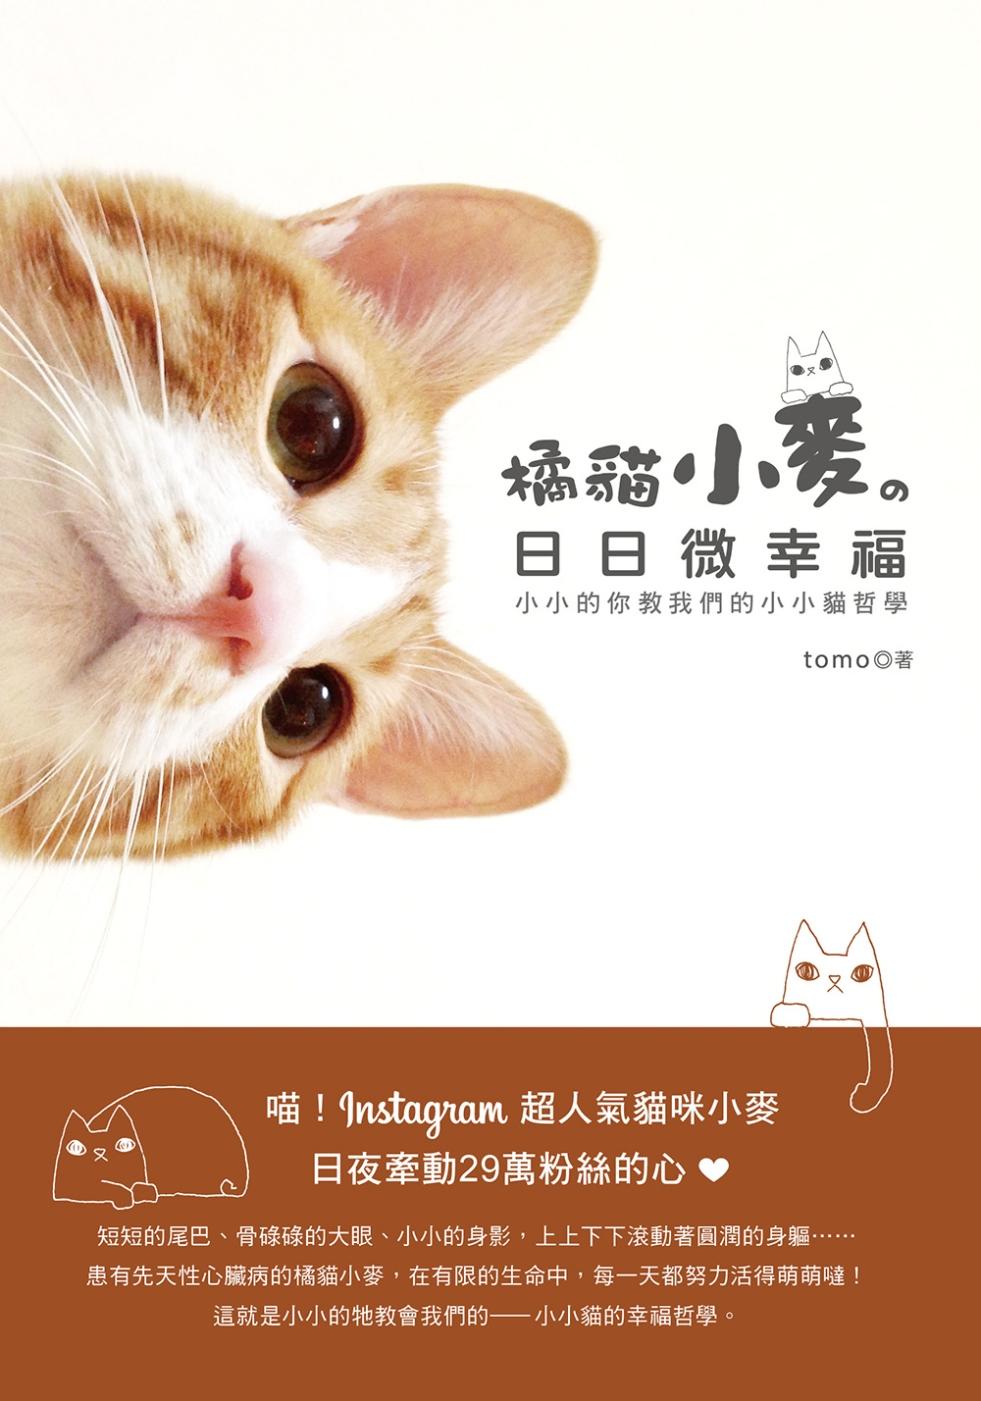 橘貓小麥的日日微幸福